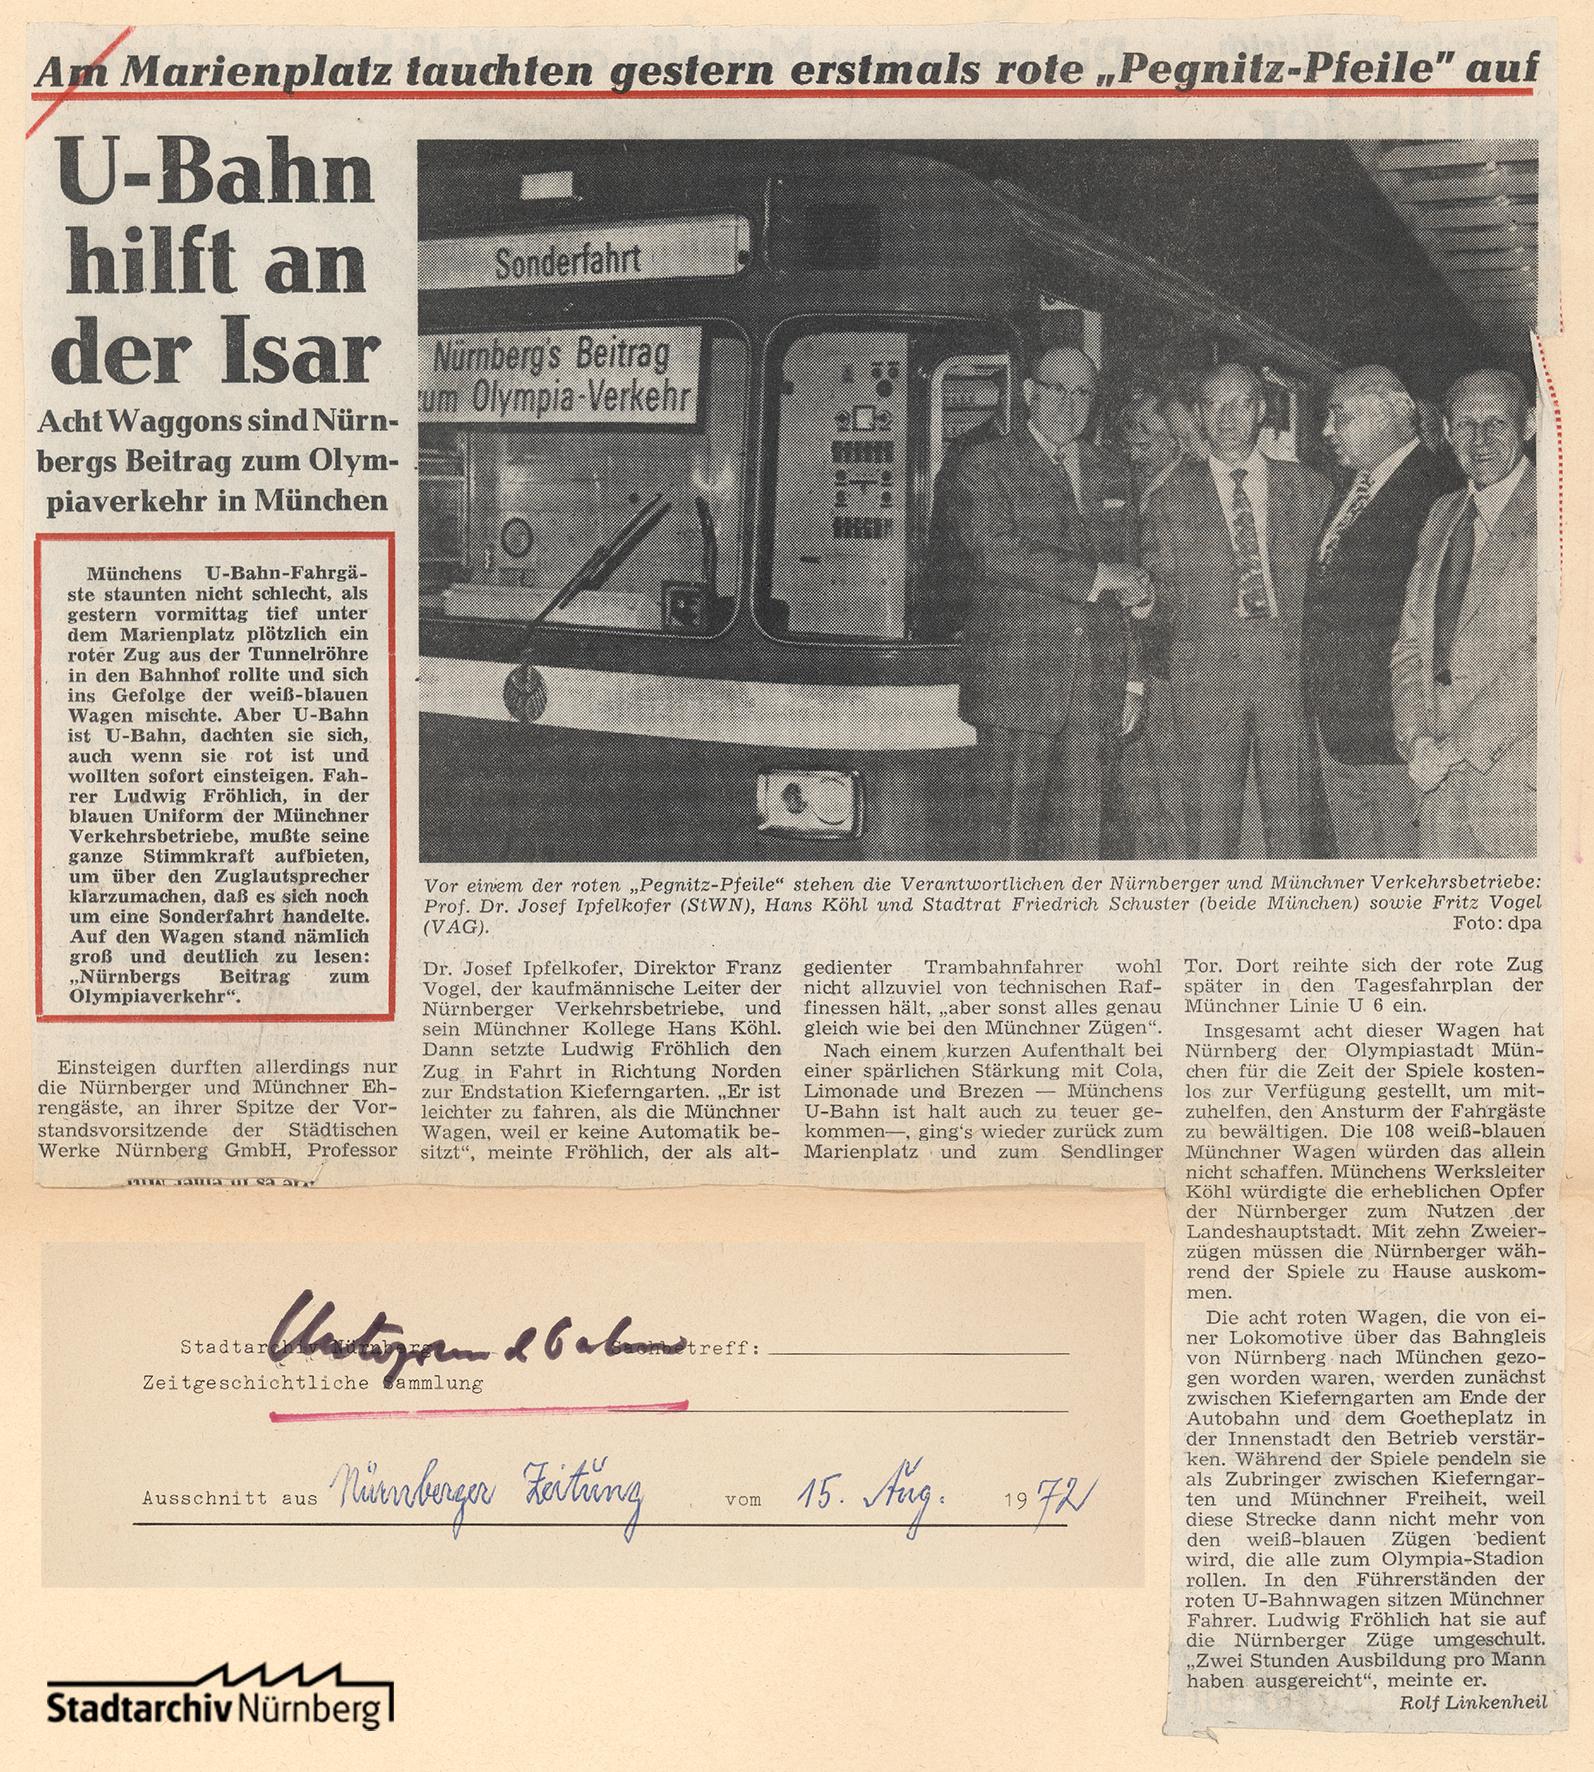 Zeitungsbericht über den Einsatz Nürnberger U-Bahnwaggons in München anlässlich der Olympiade 1972. Quelle: Stadtarchiv Nürnberg F 7/I Nr. 1139